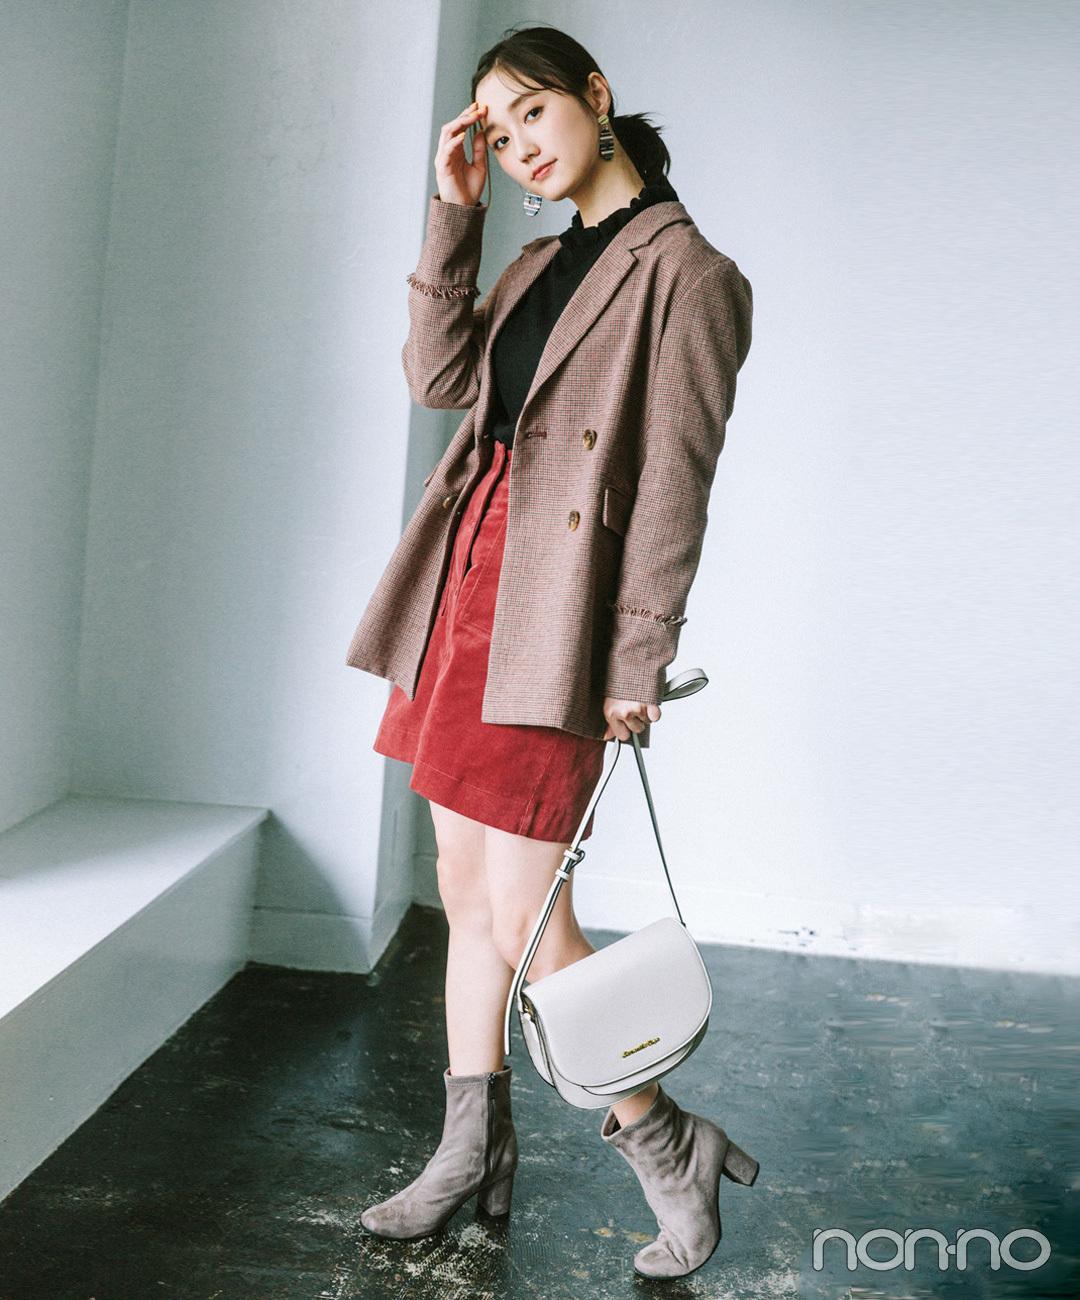 【台形ミニスカートコーデ】秋色ジャケットときれい色ミニスカートでハンサムガーリー